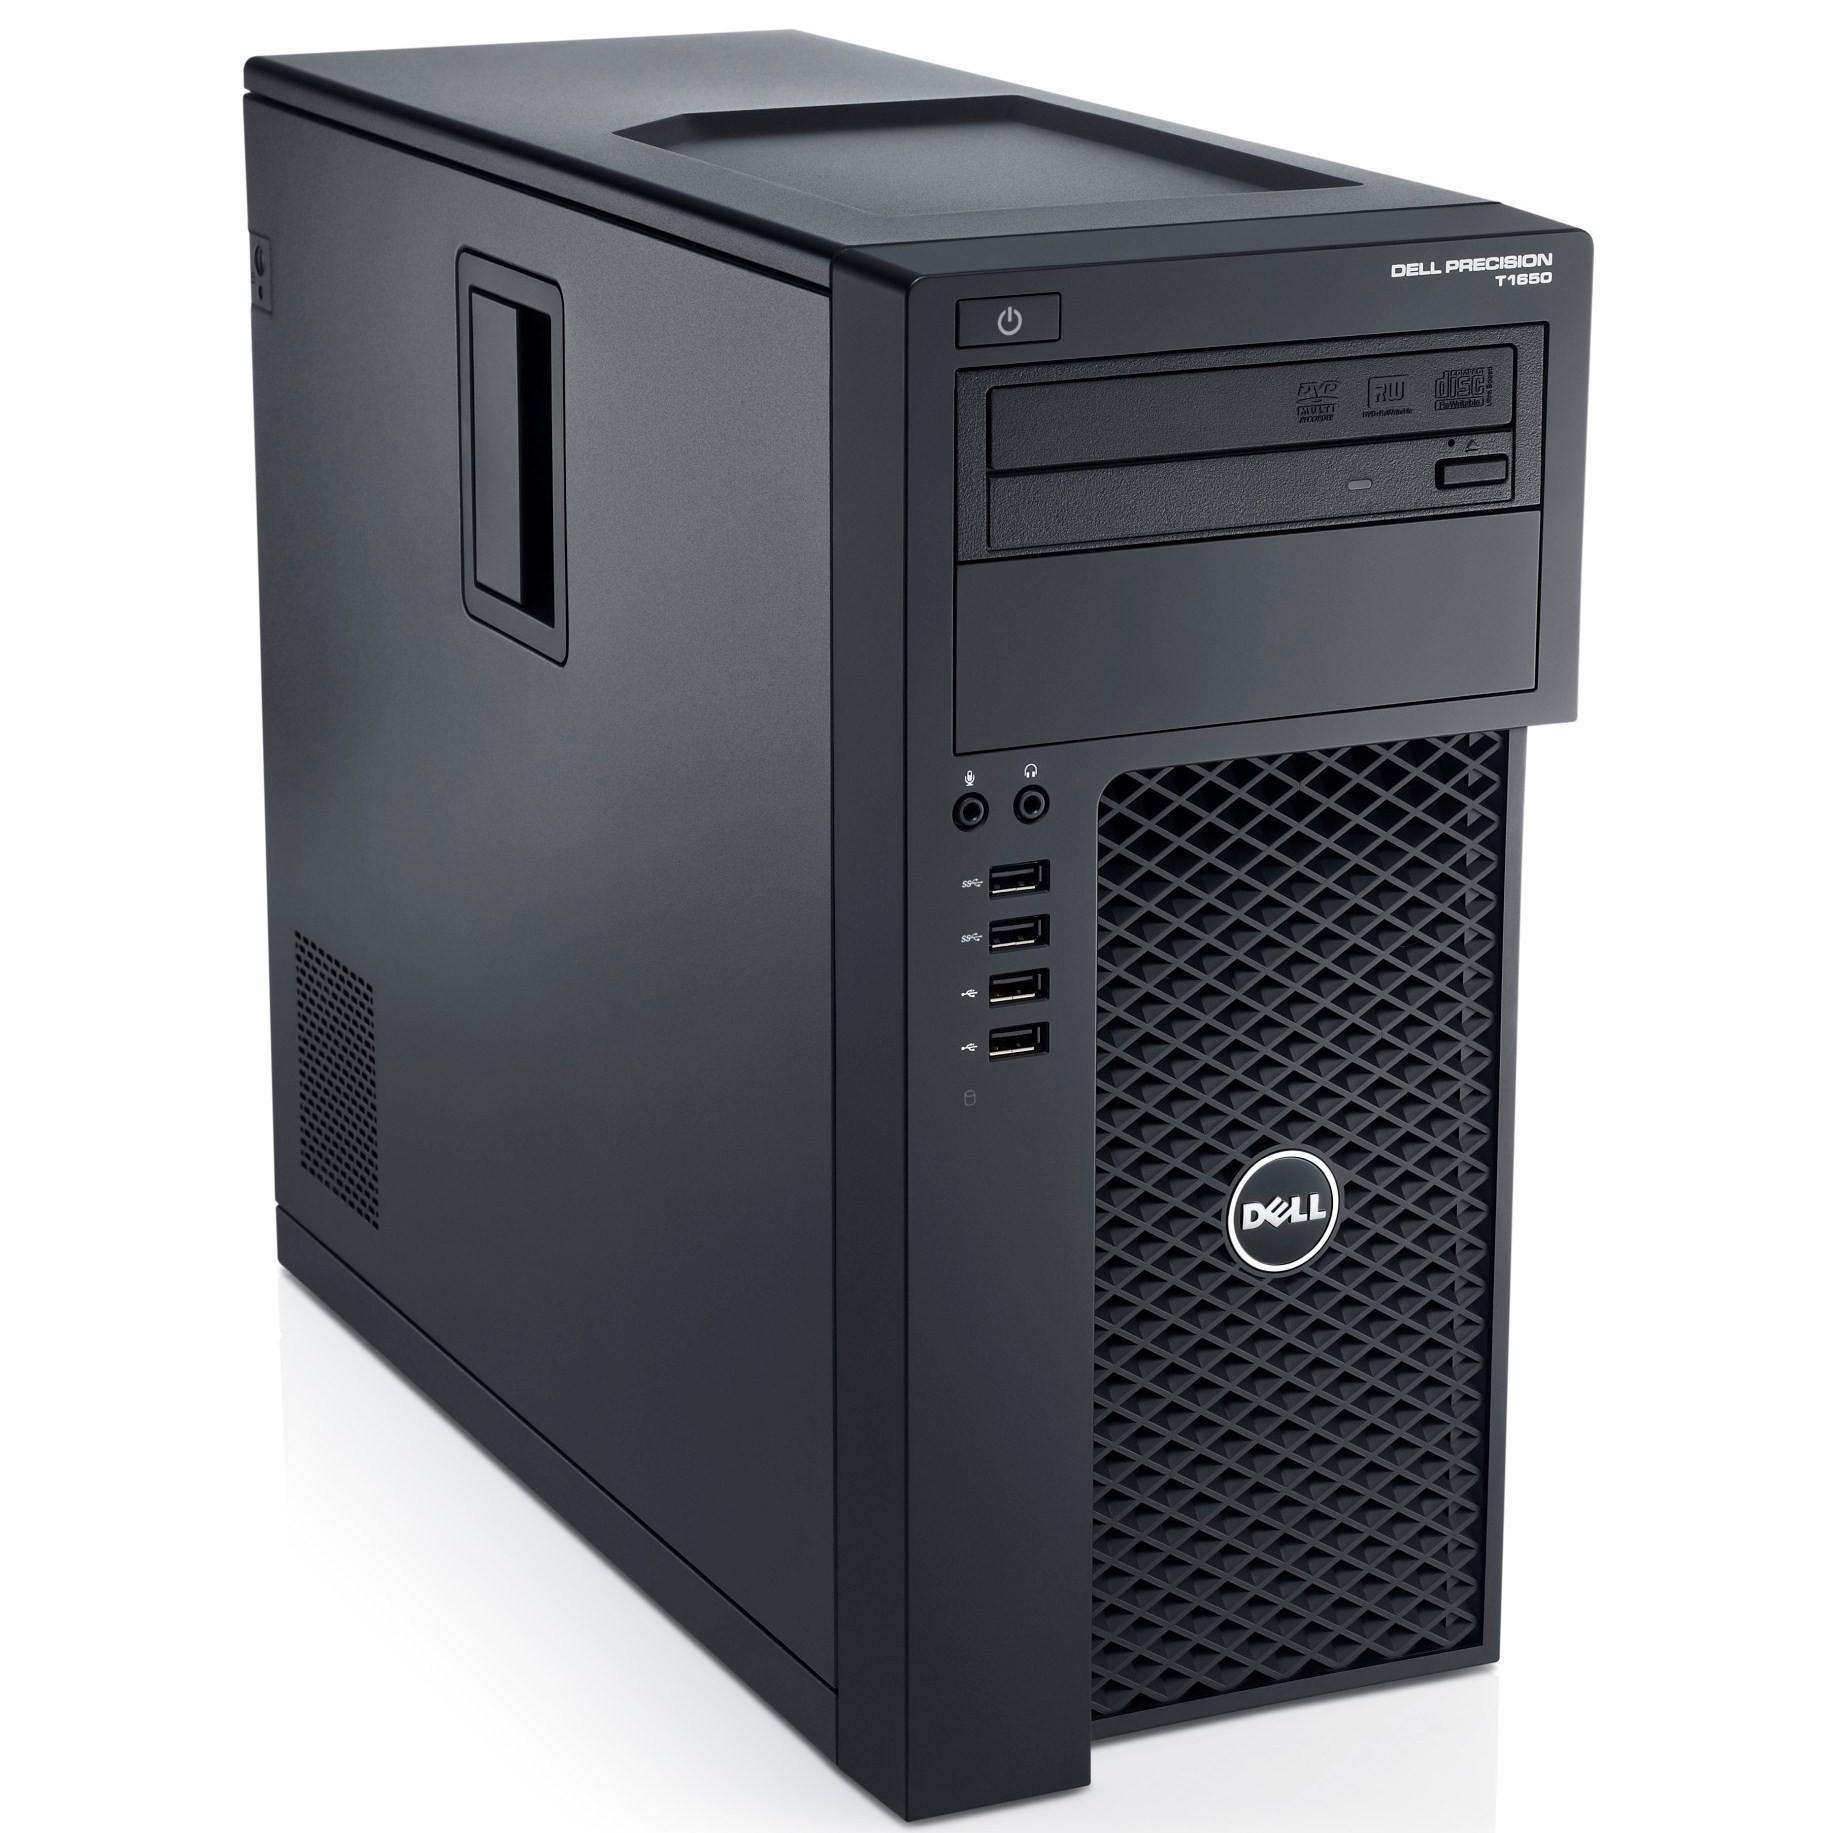 Dell Precision T1700 Xeon E3-1240 3,4 GHz - HDD 500 Go RAM 16 Go